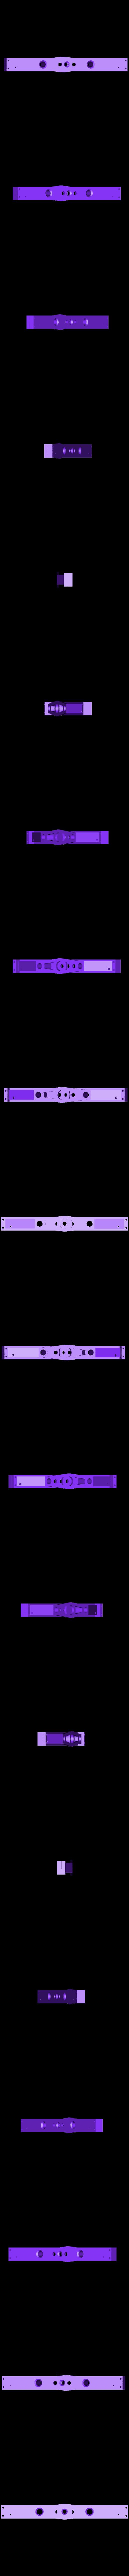 10mm_extra_and_8mm_rail.stl Télécharger fichier STL gratuit Système de support de lit TronXY X5S & SA • Design imprimable en 3D, Exerqtor